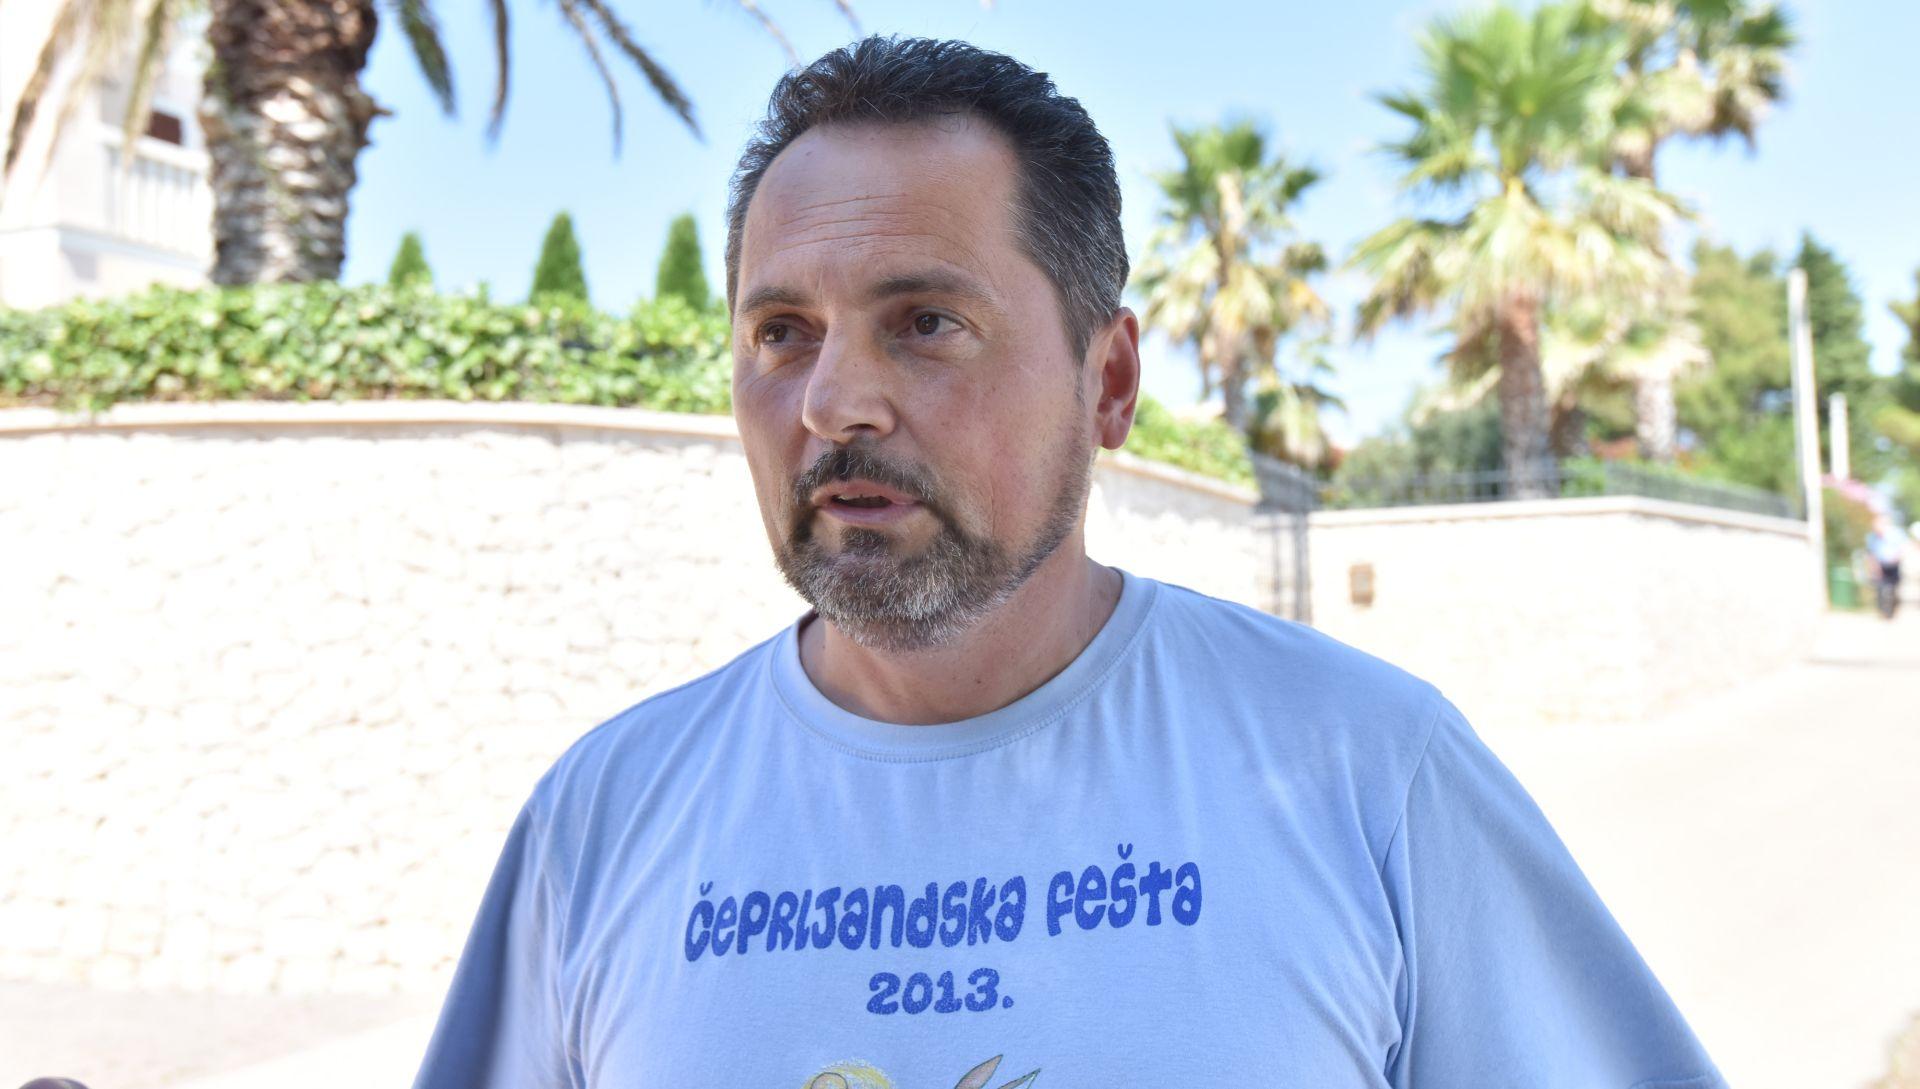 NAČELNIK OPĆINE PREKO Nadamo se da će pronaći krivac za suludi napad na Rakitića